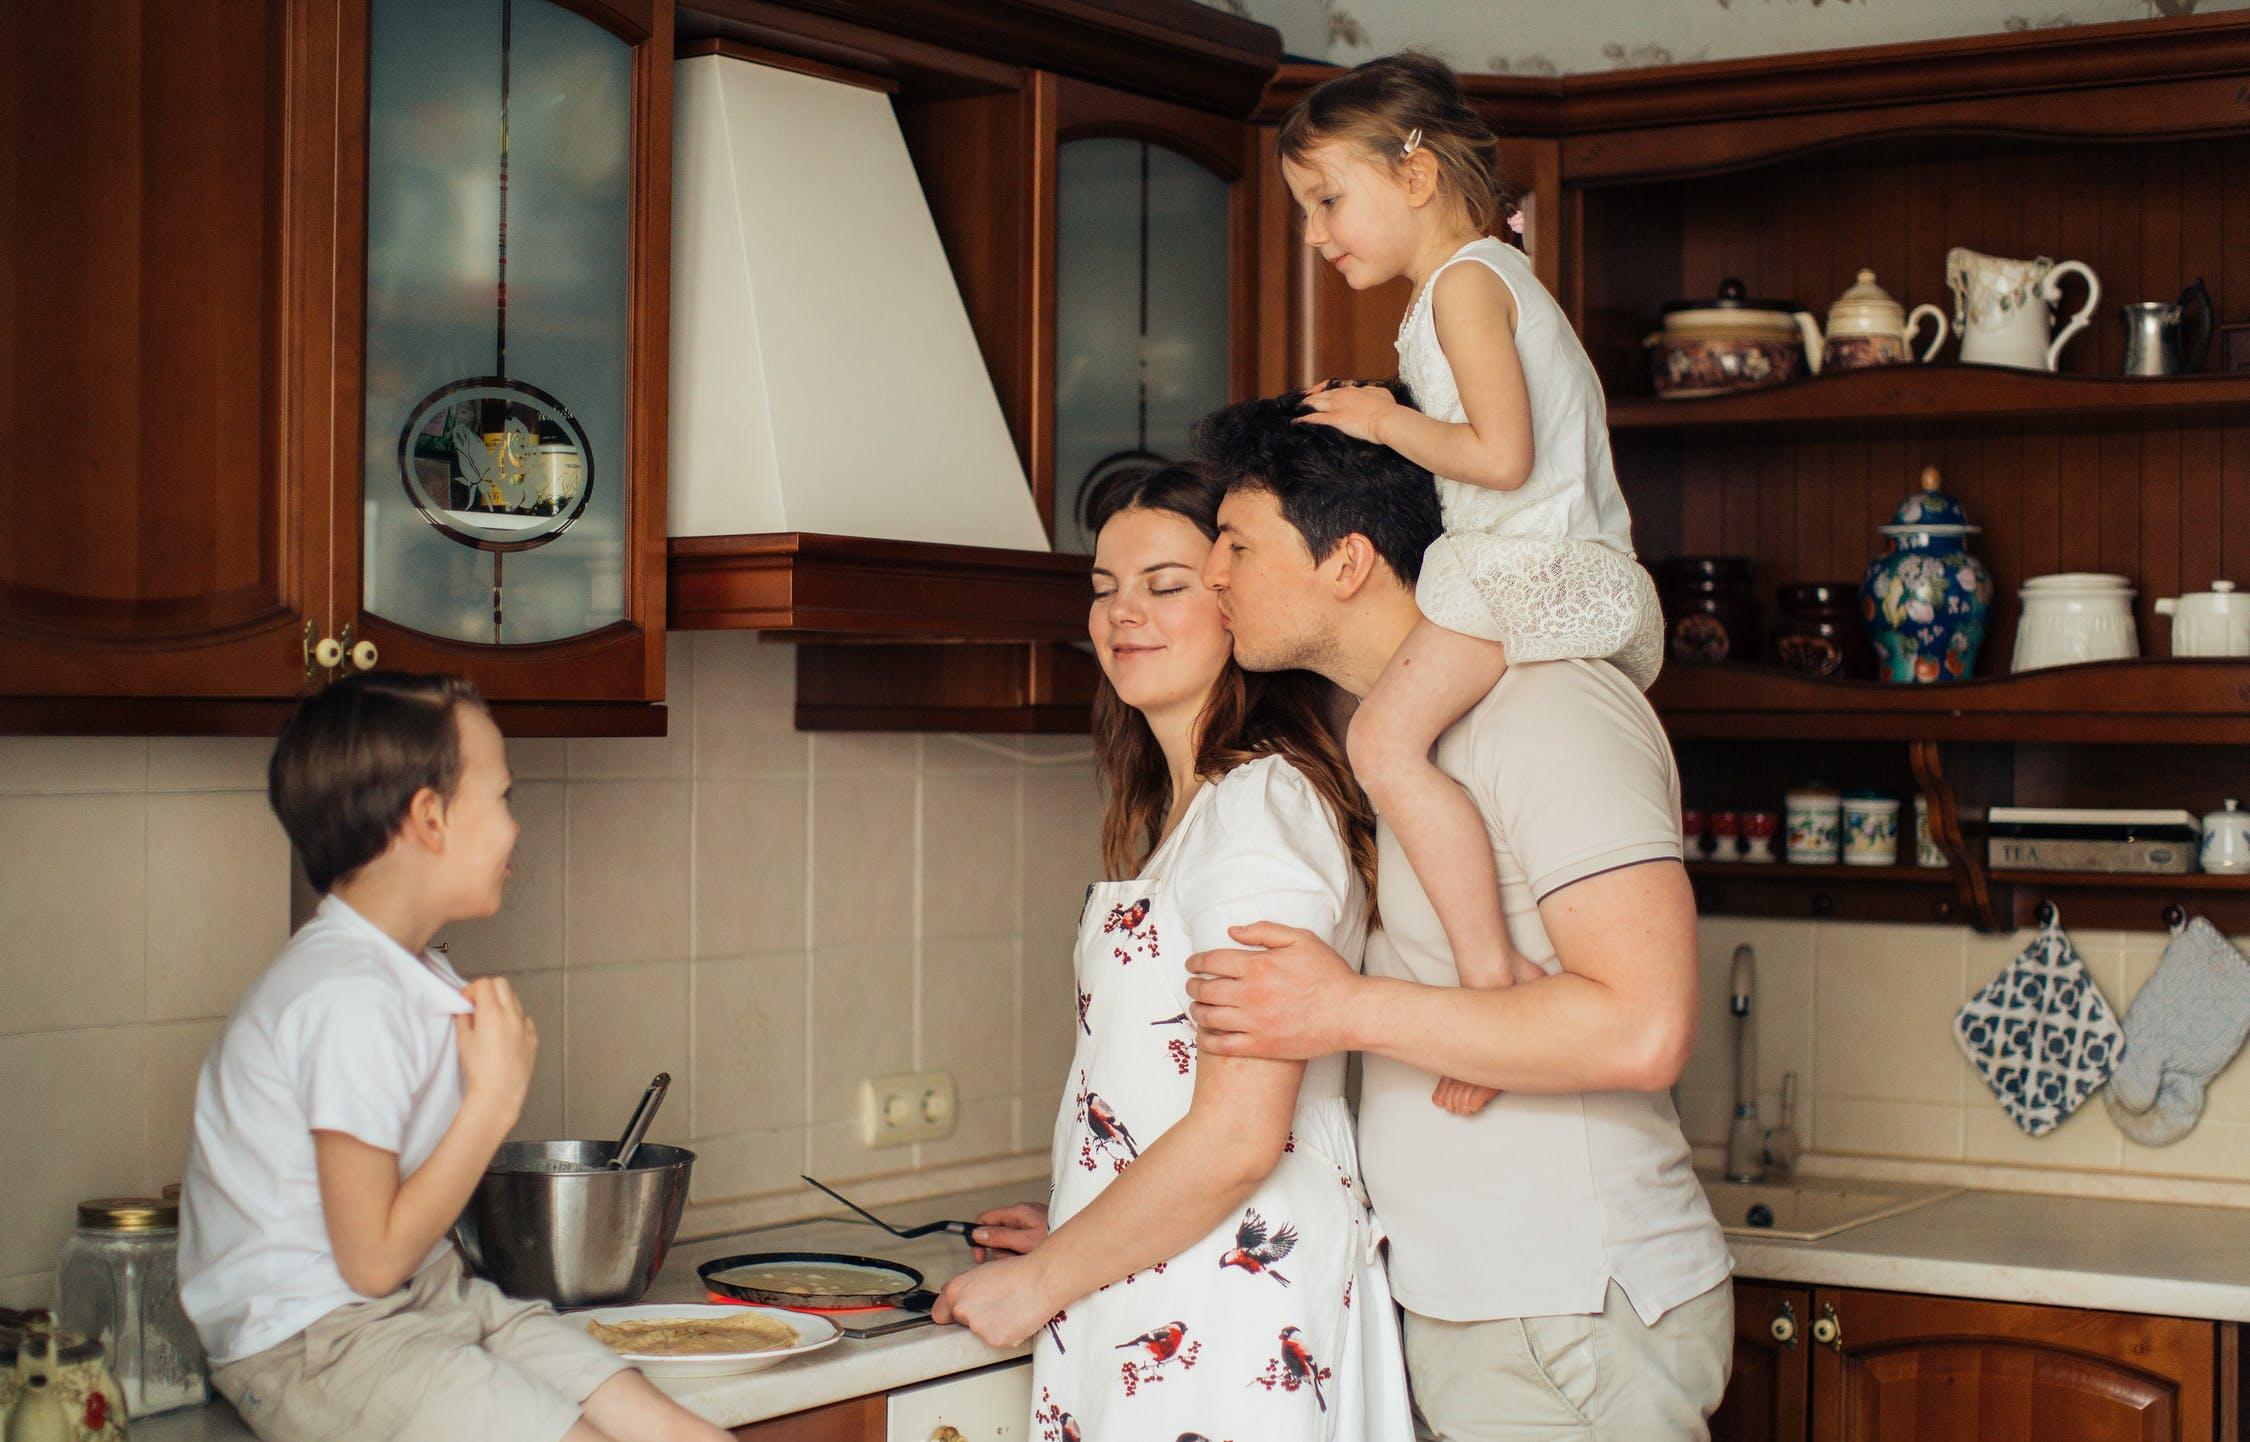 Детские пособия с 2022 года будут платить по-новому - новости Афанасий